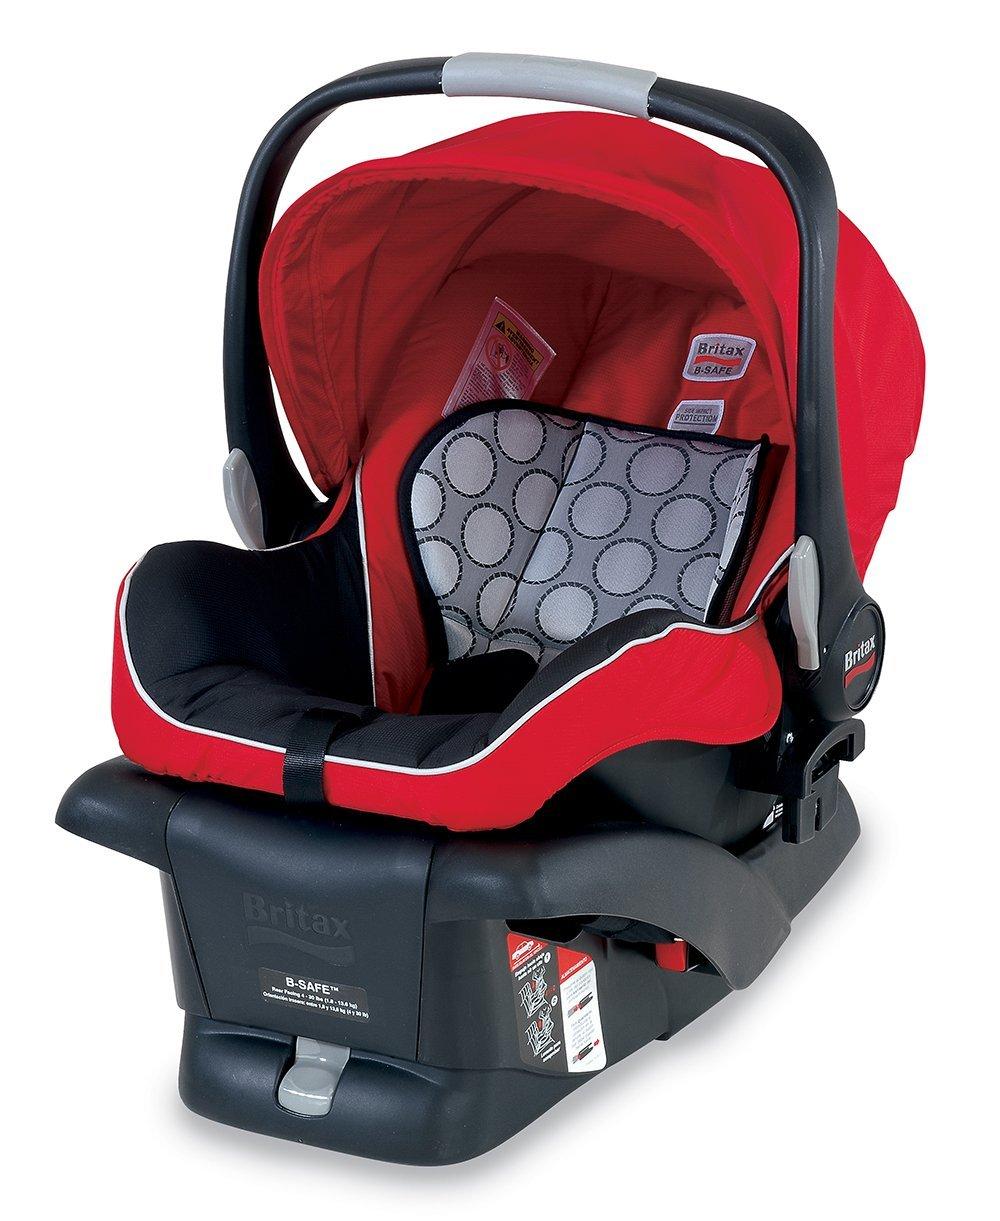 INFANT CAR SEAT REVIEWS